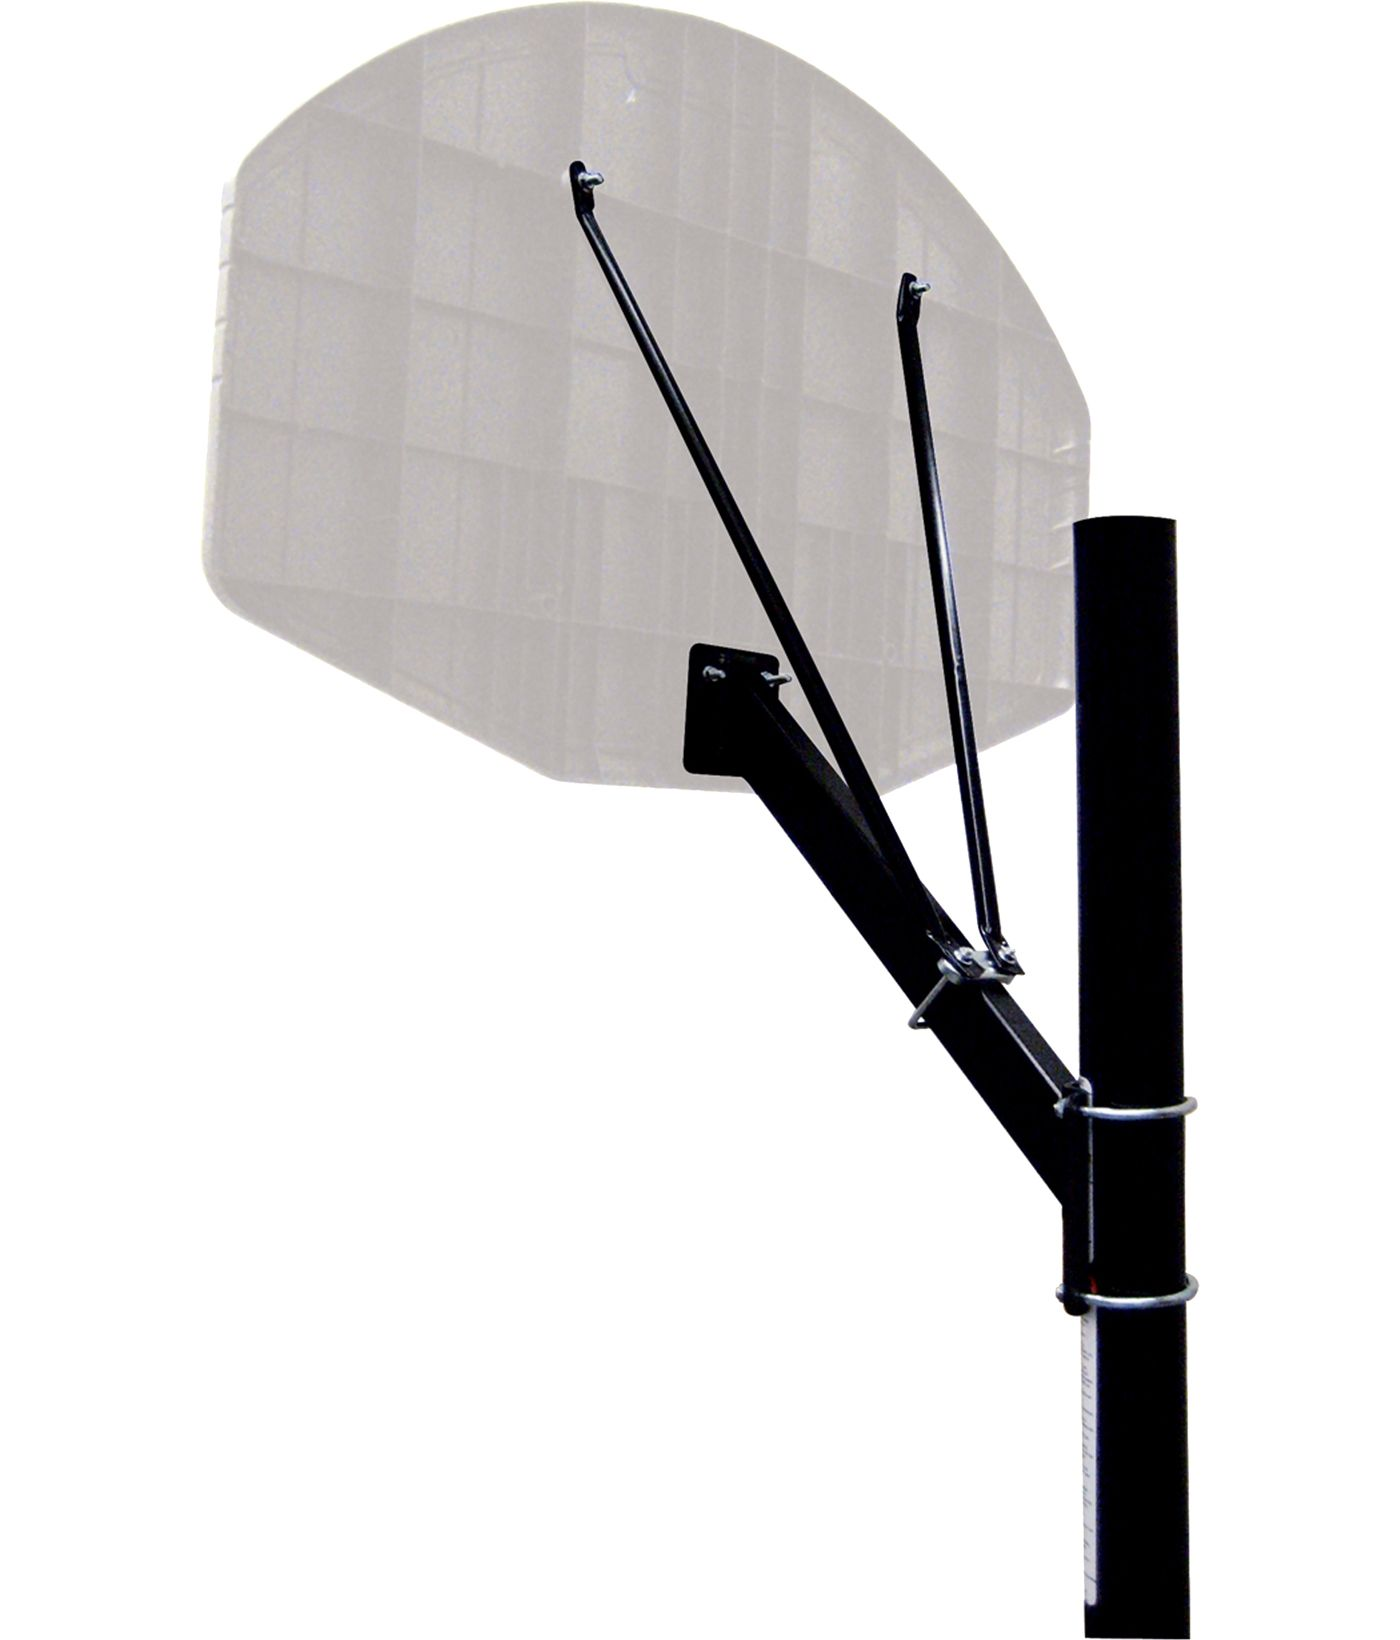 Spalding Round Extension Arm